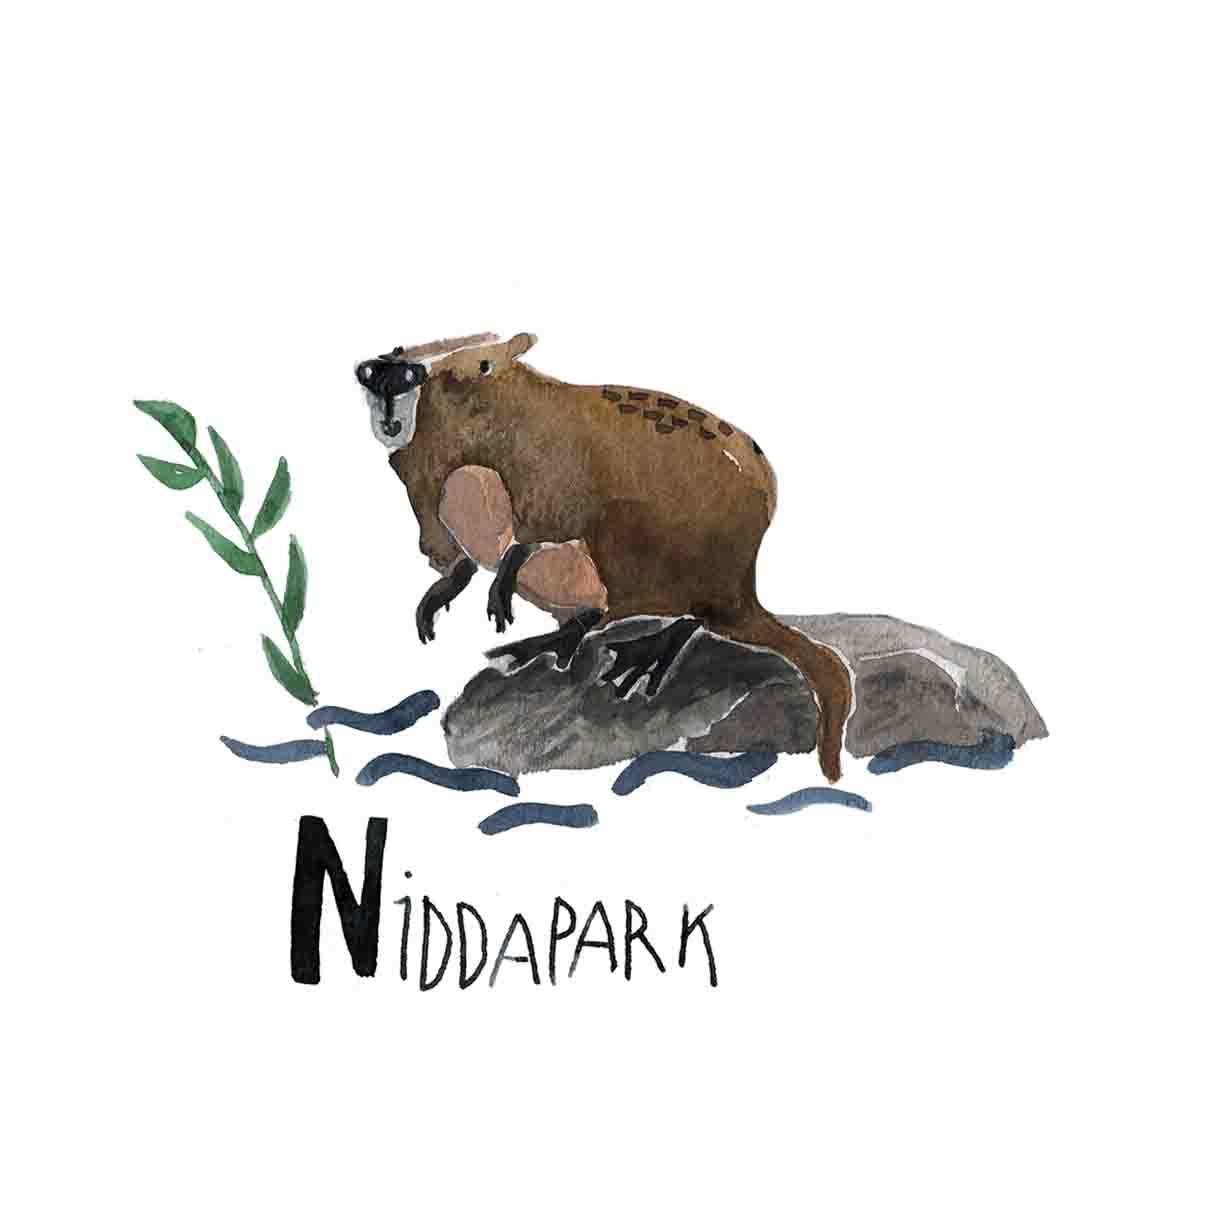 N Niddapark